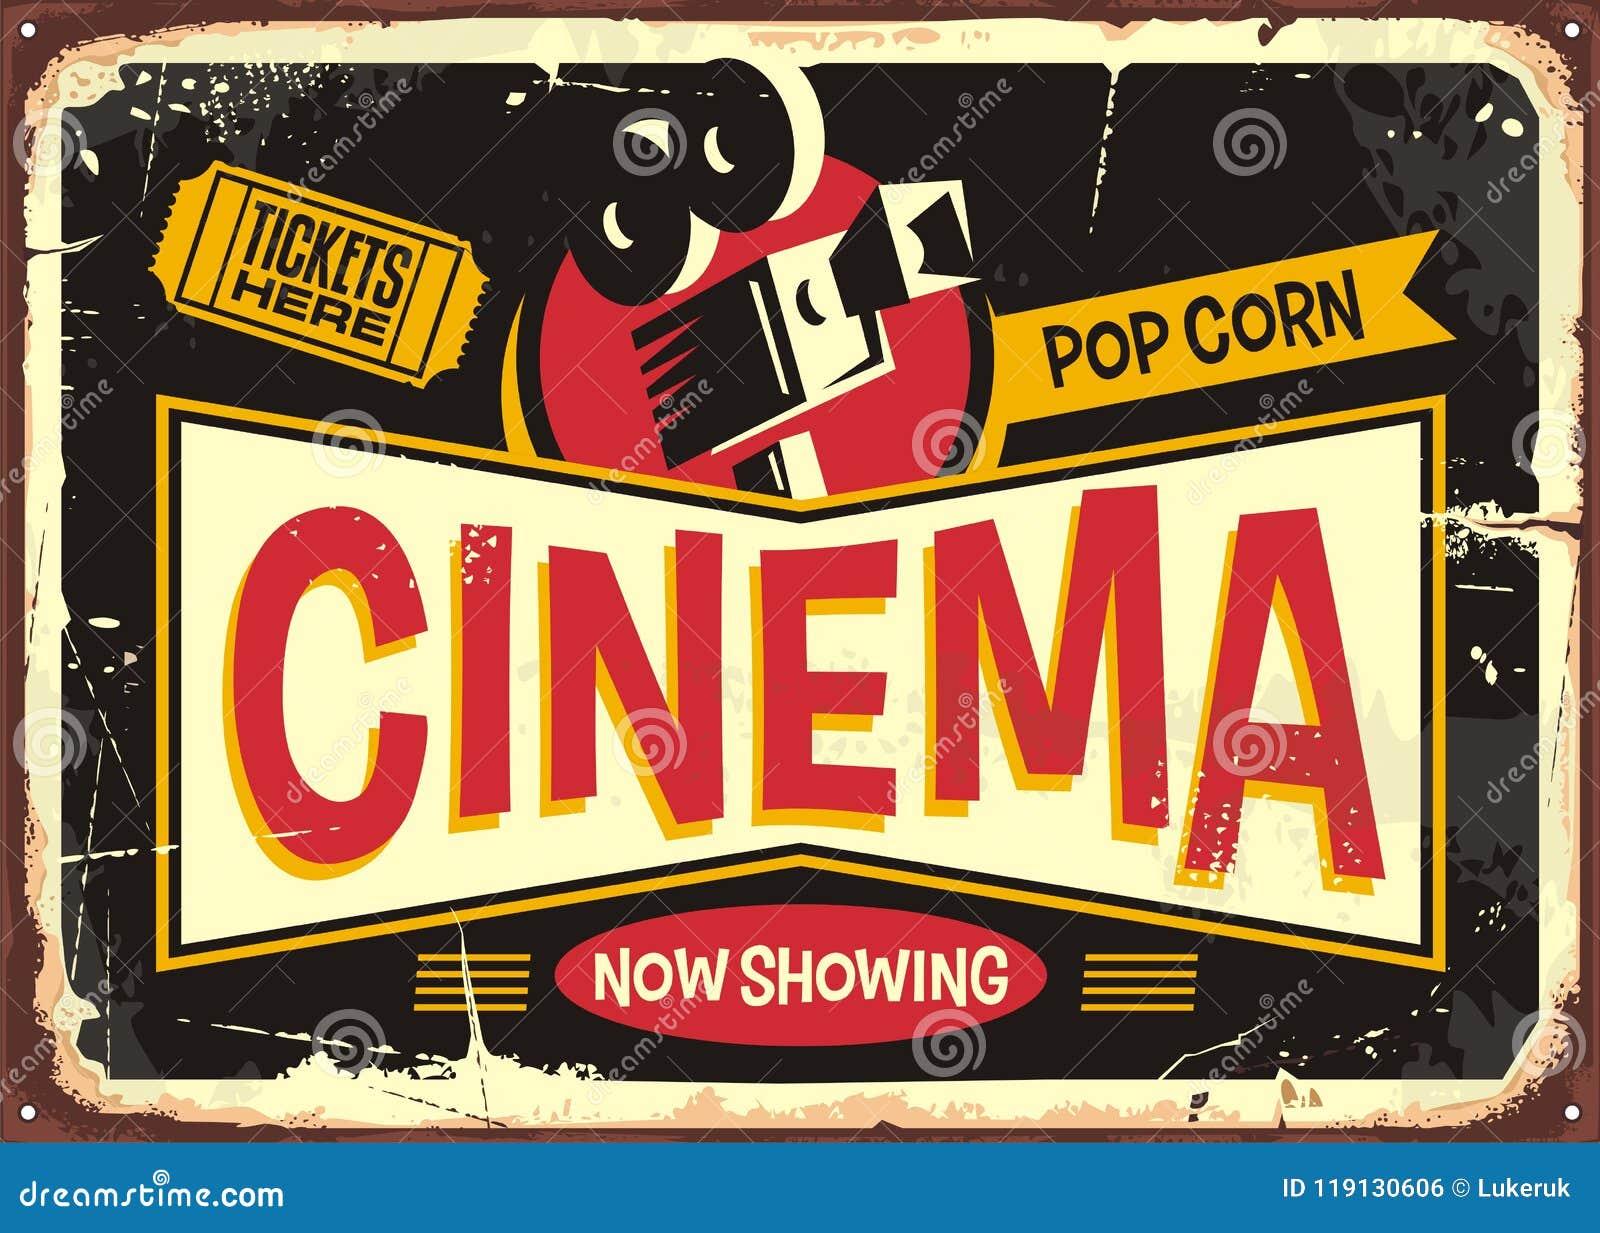 Projeto retro do vetor do sinal da lata do cinema